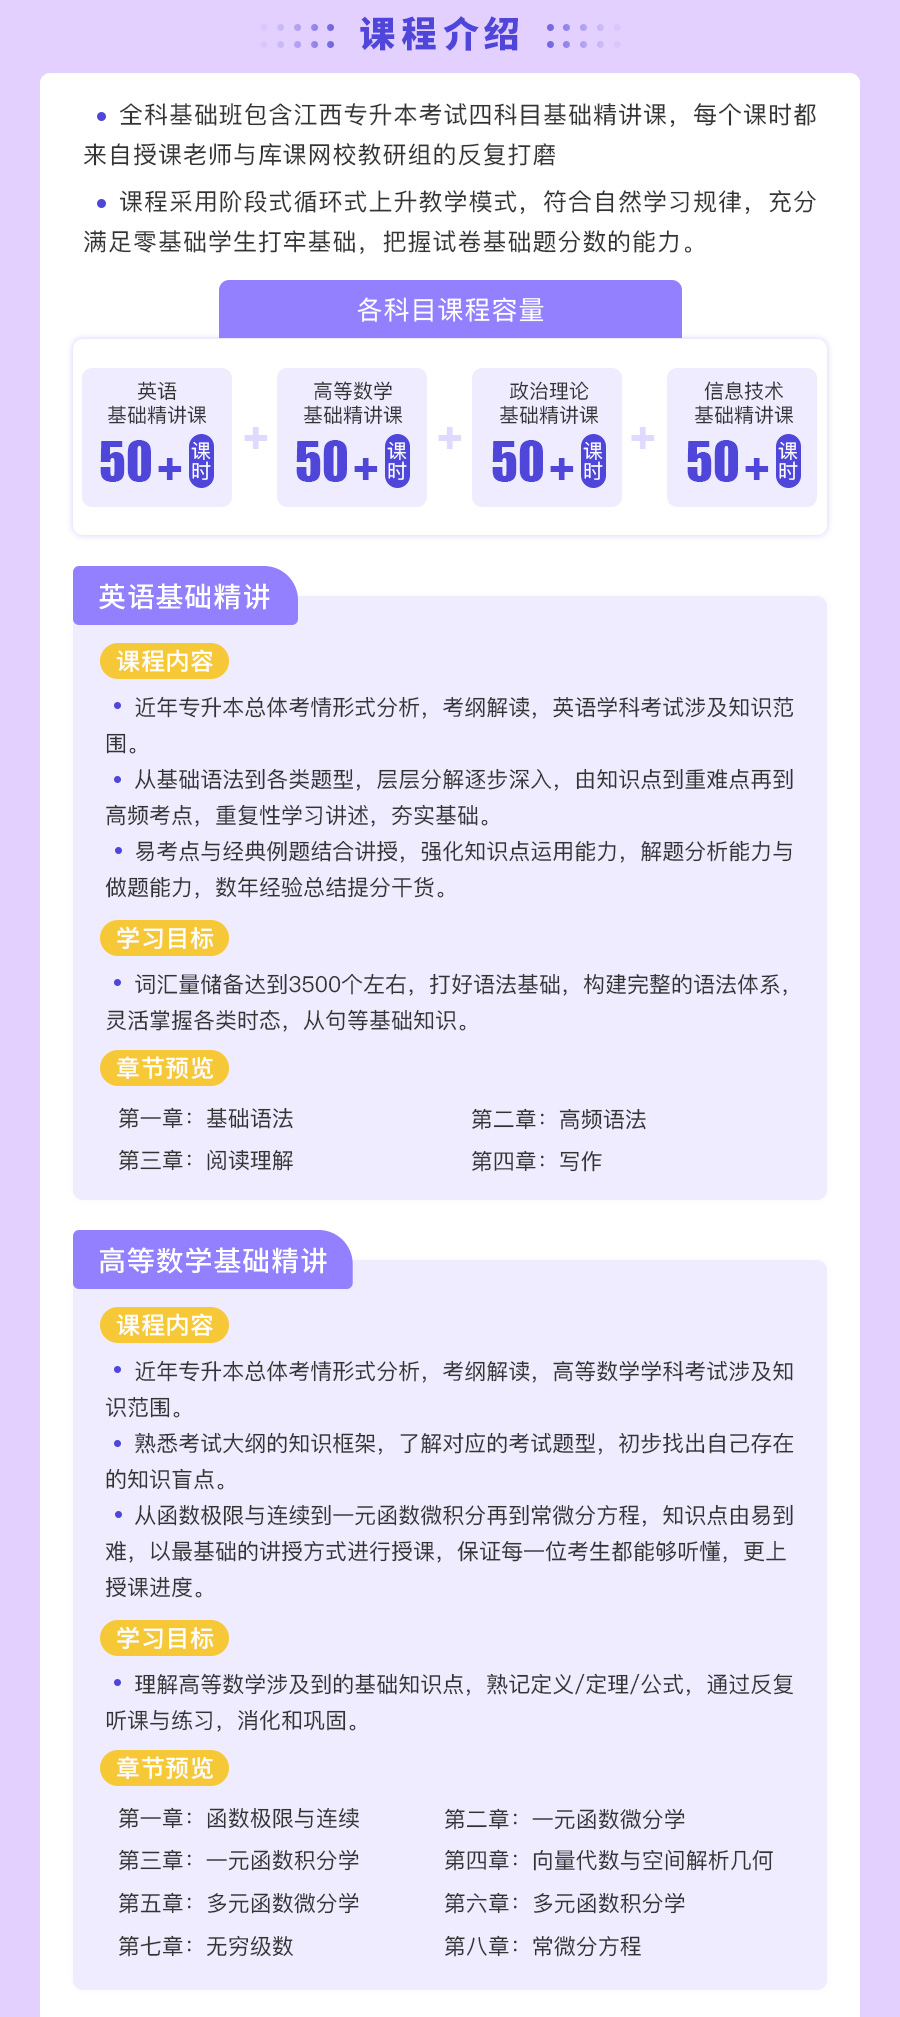 江西-全科-英语+高等数学+政治理论+信息技术_02.jpg